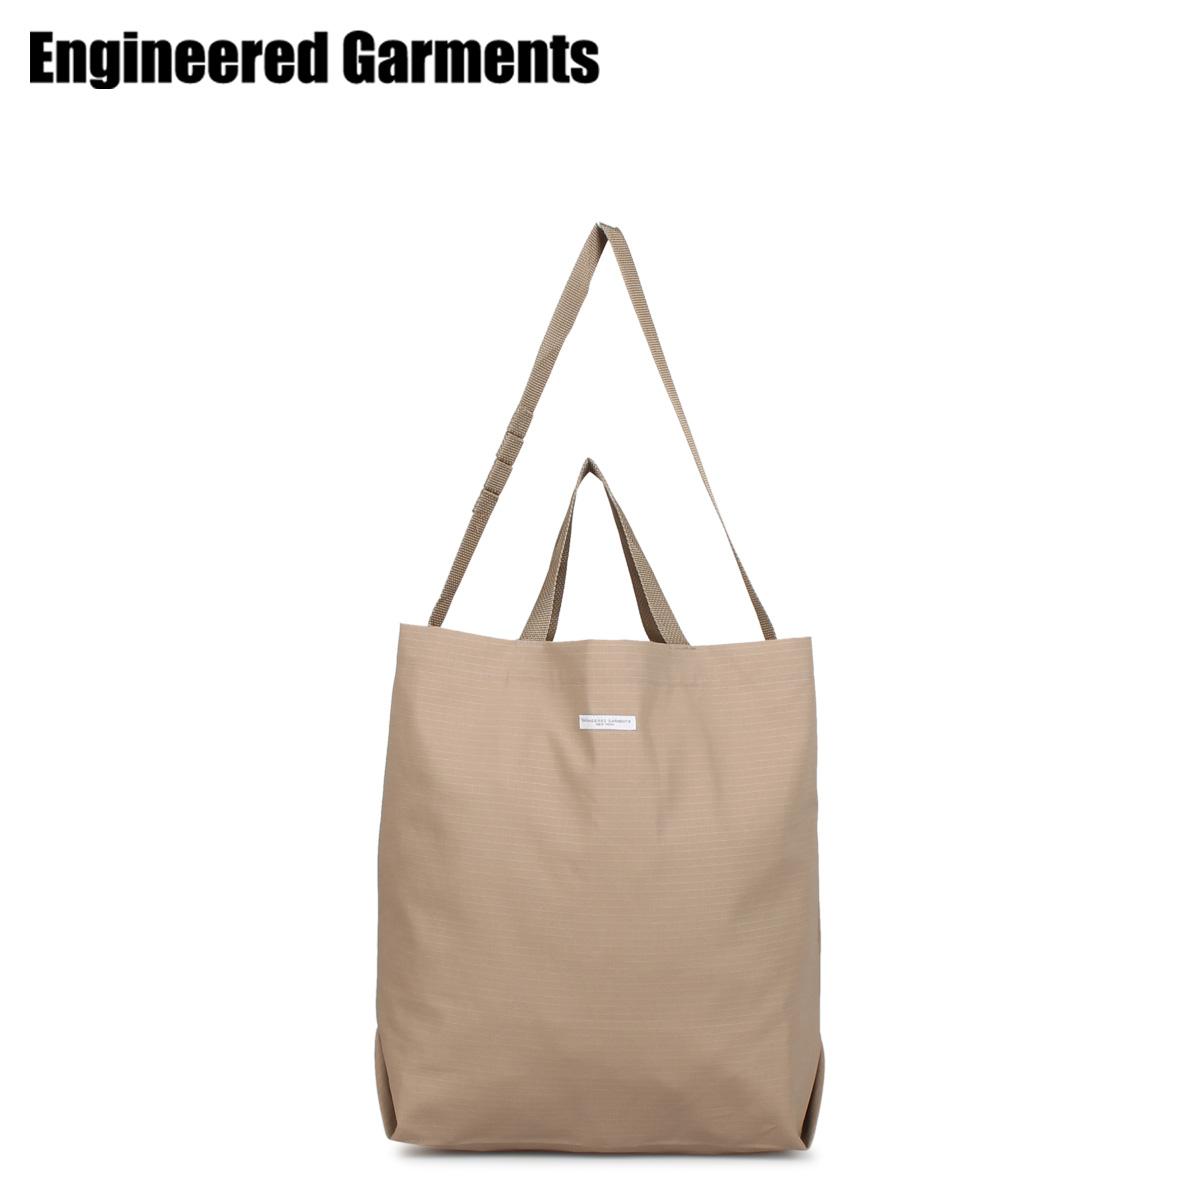 エンジニアドガーメンツ ENGINEERED GARMENTS バッグ トートバッグ ショルダーバッグ メンズ レディース 2WAY CARRY ALL TOTE ベージュ 20S1H015fgvb6yY7Im